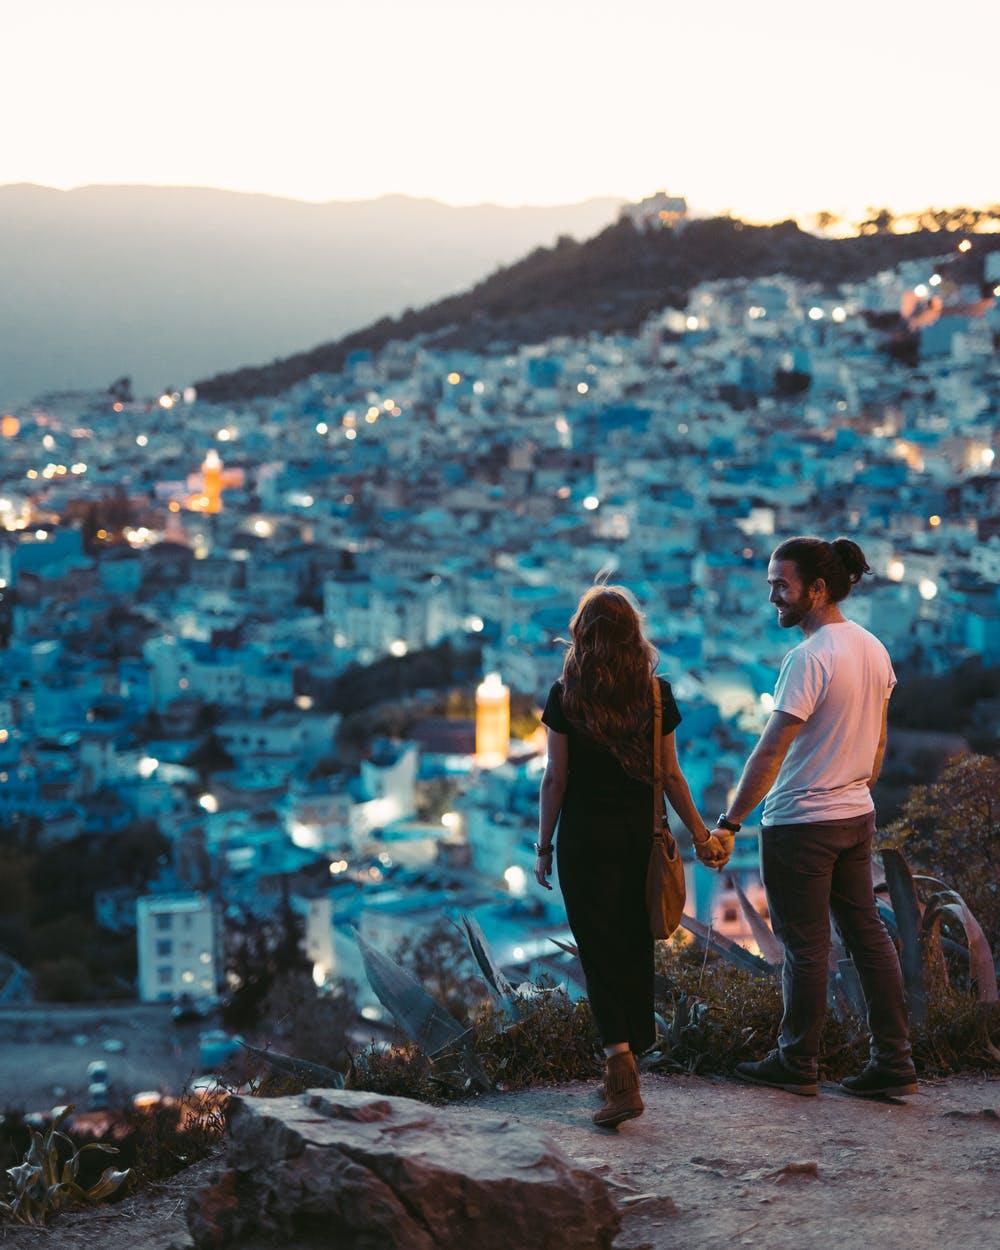 excursion-desde-fez-a-chaouen-viajes-amazigh-marruecos-1